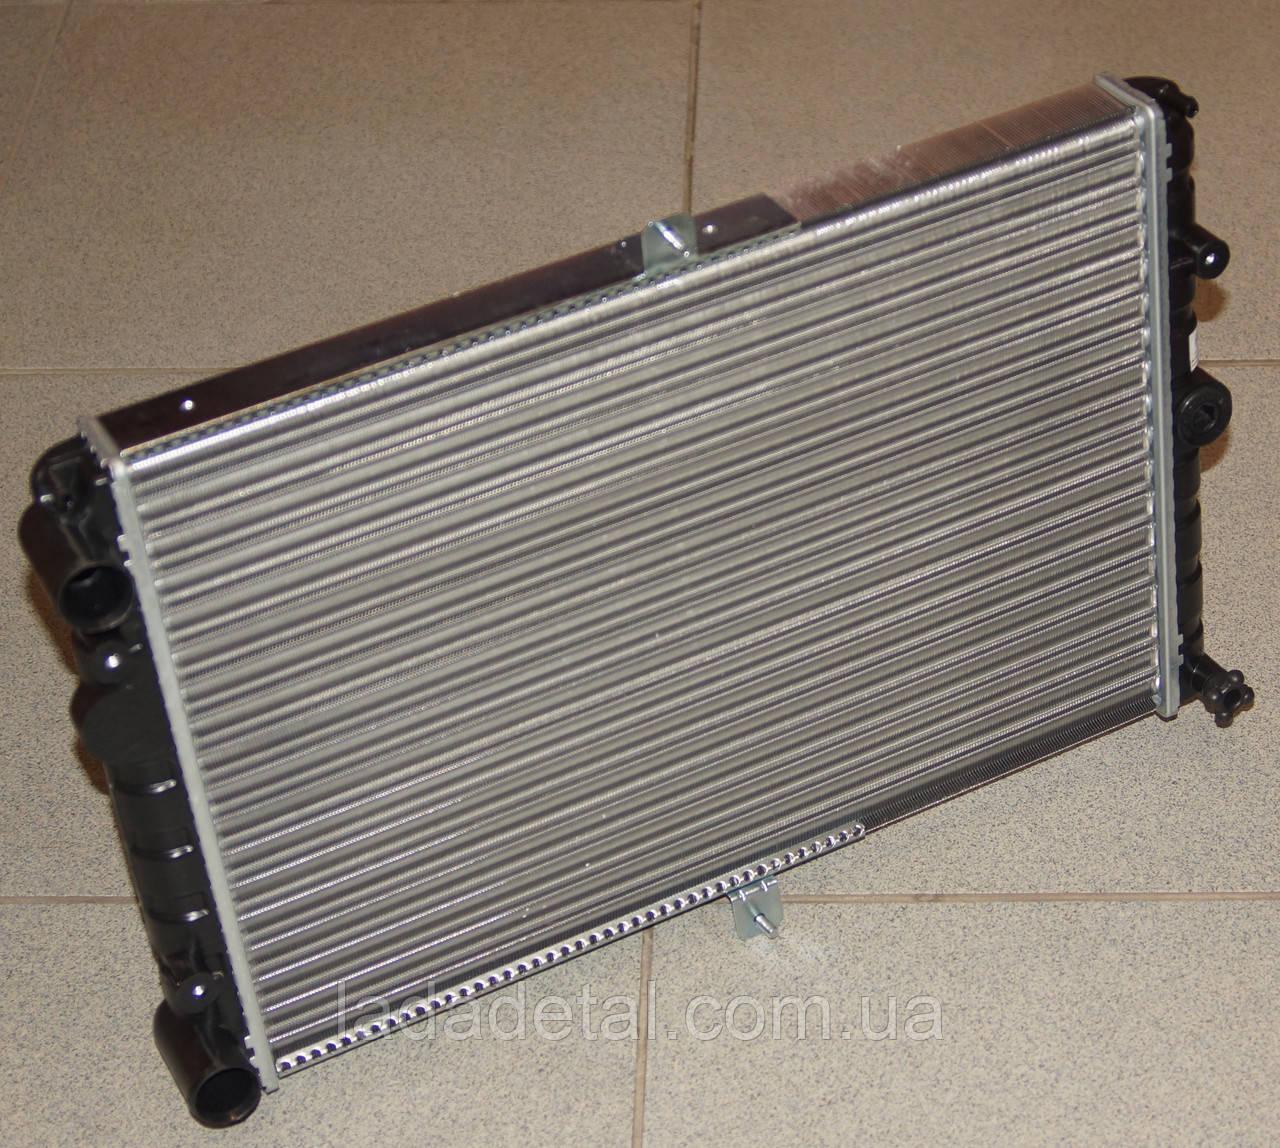 Радиатор ВАЗ 2108, 2109, 21099, 2113-2115 с карбюраторным двигателем АМЗ